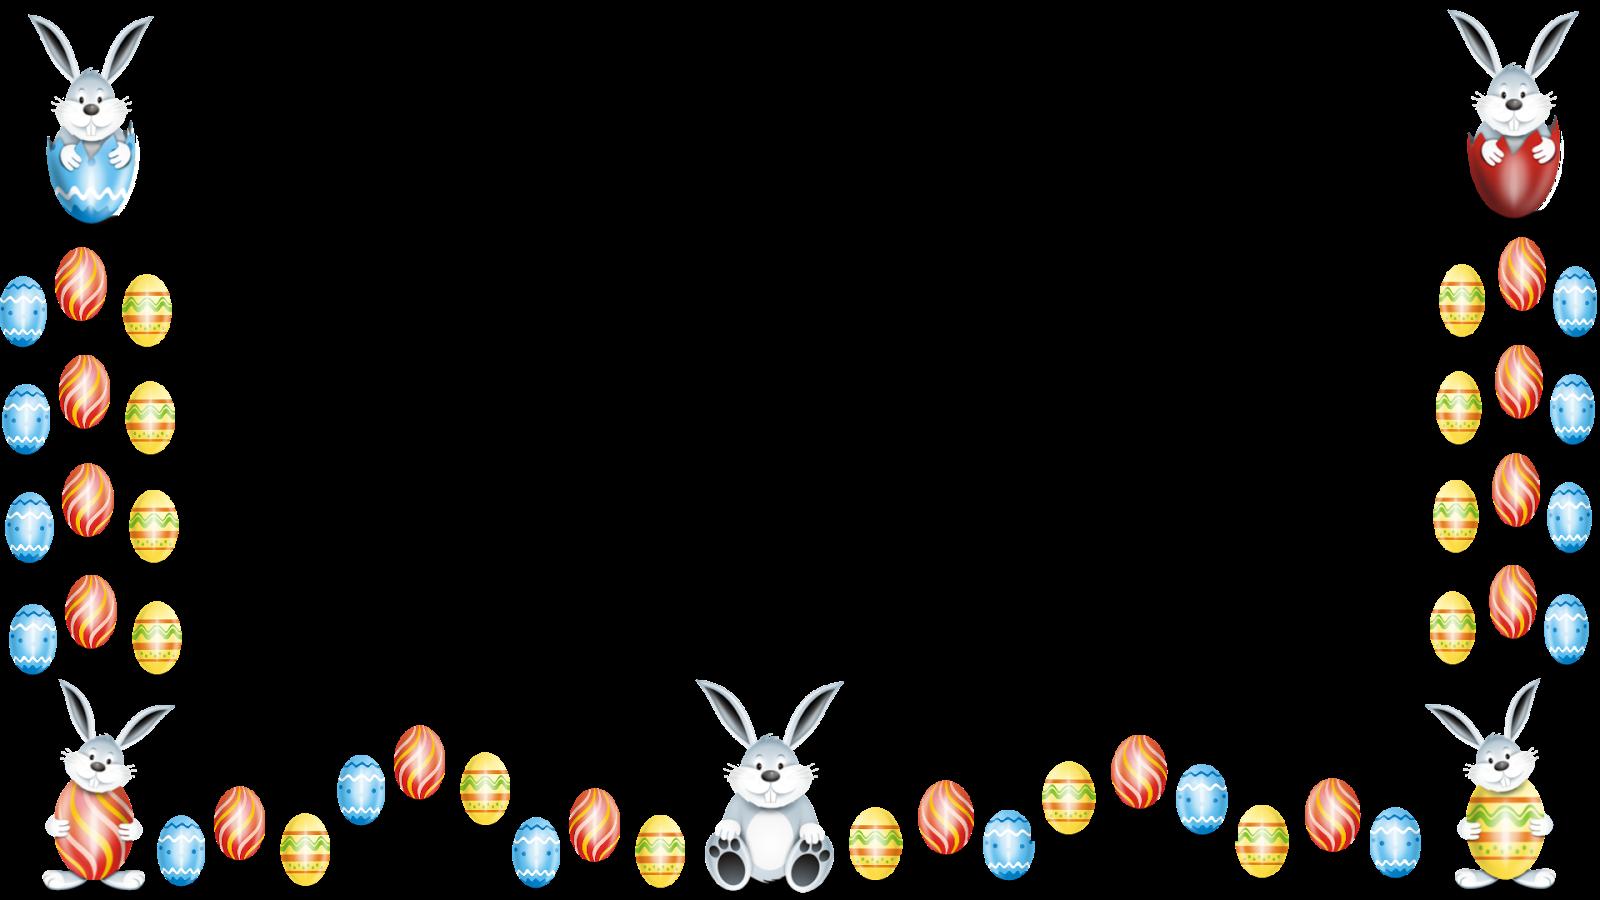 Coelhinhos e ovos-Feliz Pascoa png